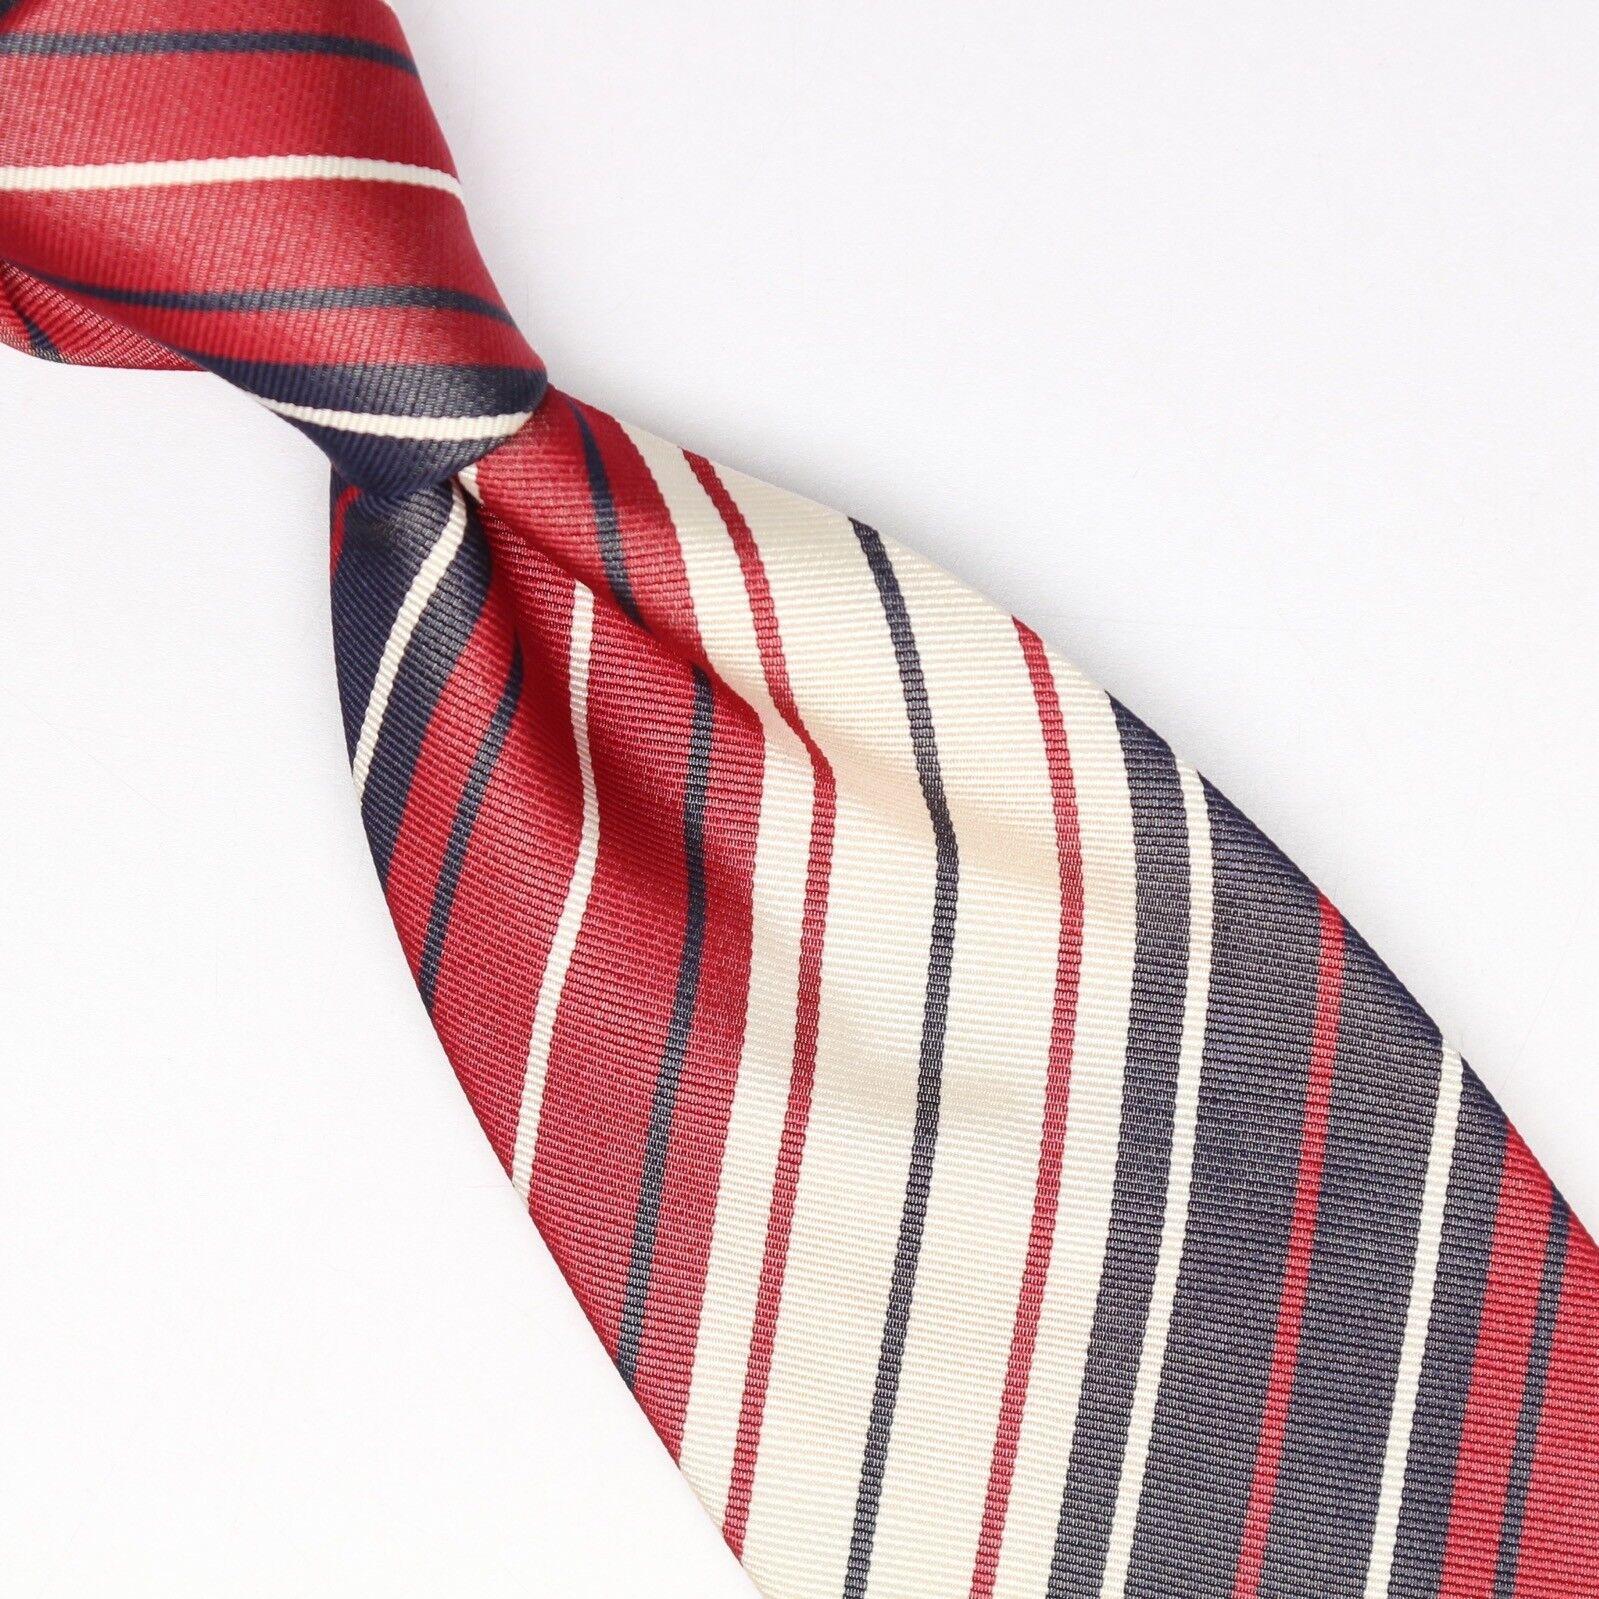 Gladson Herren Seidenkrawatte Rot Grau Creme Weiß Mehrfach Gestreift Italien | Sale Outlet